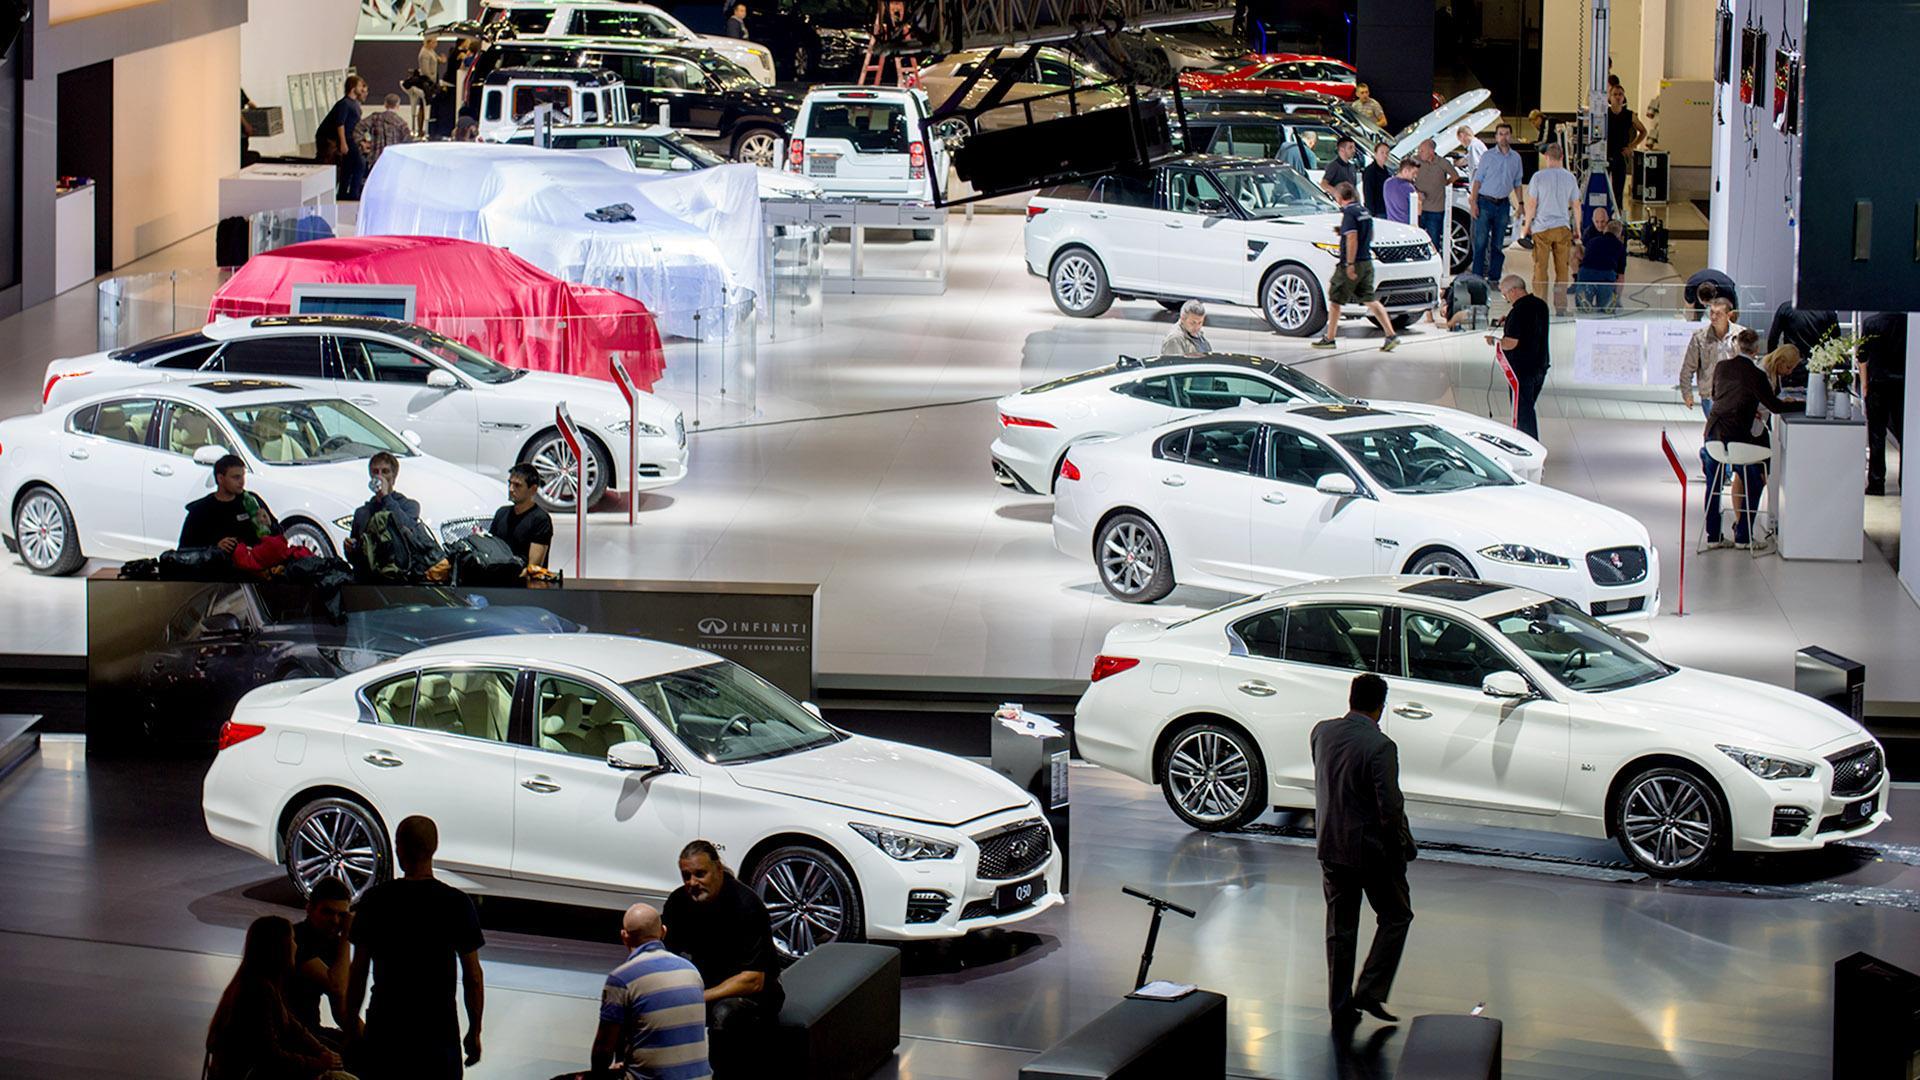 Дилерские центры не торопятся регистрировать новые автомобили